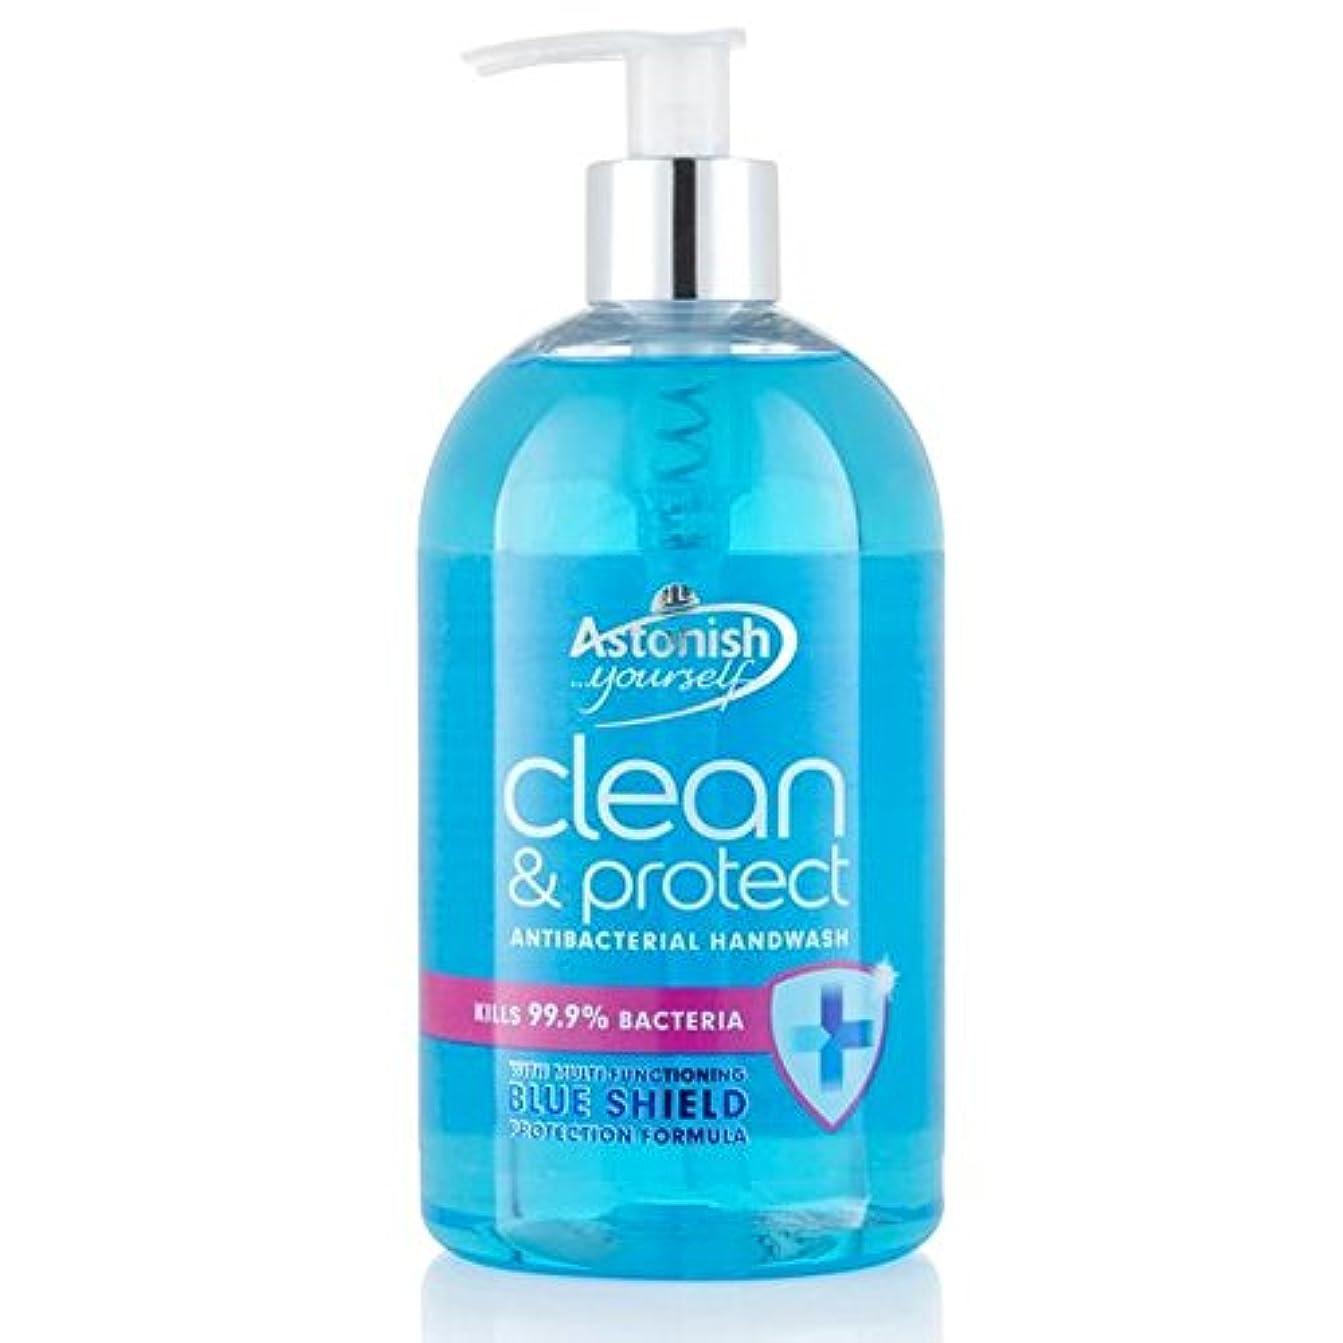 取り消す八安定Astonish Clean & Protect Hand Wash 500ml - クリーン驚か&ハンドウォッシュ500ミリリットルを保護 [並行輸入品]